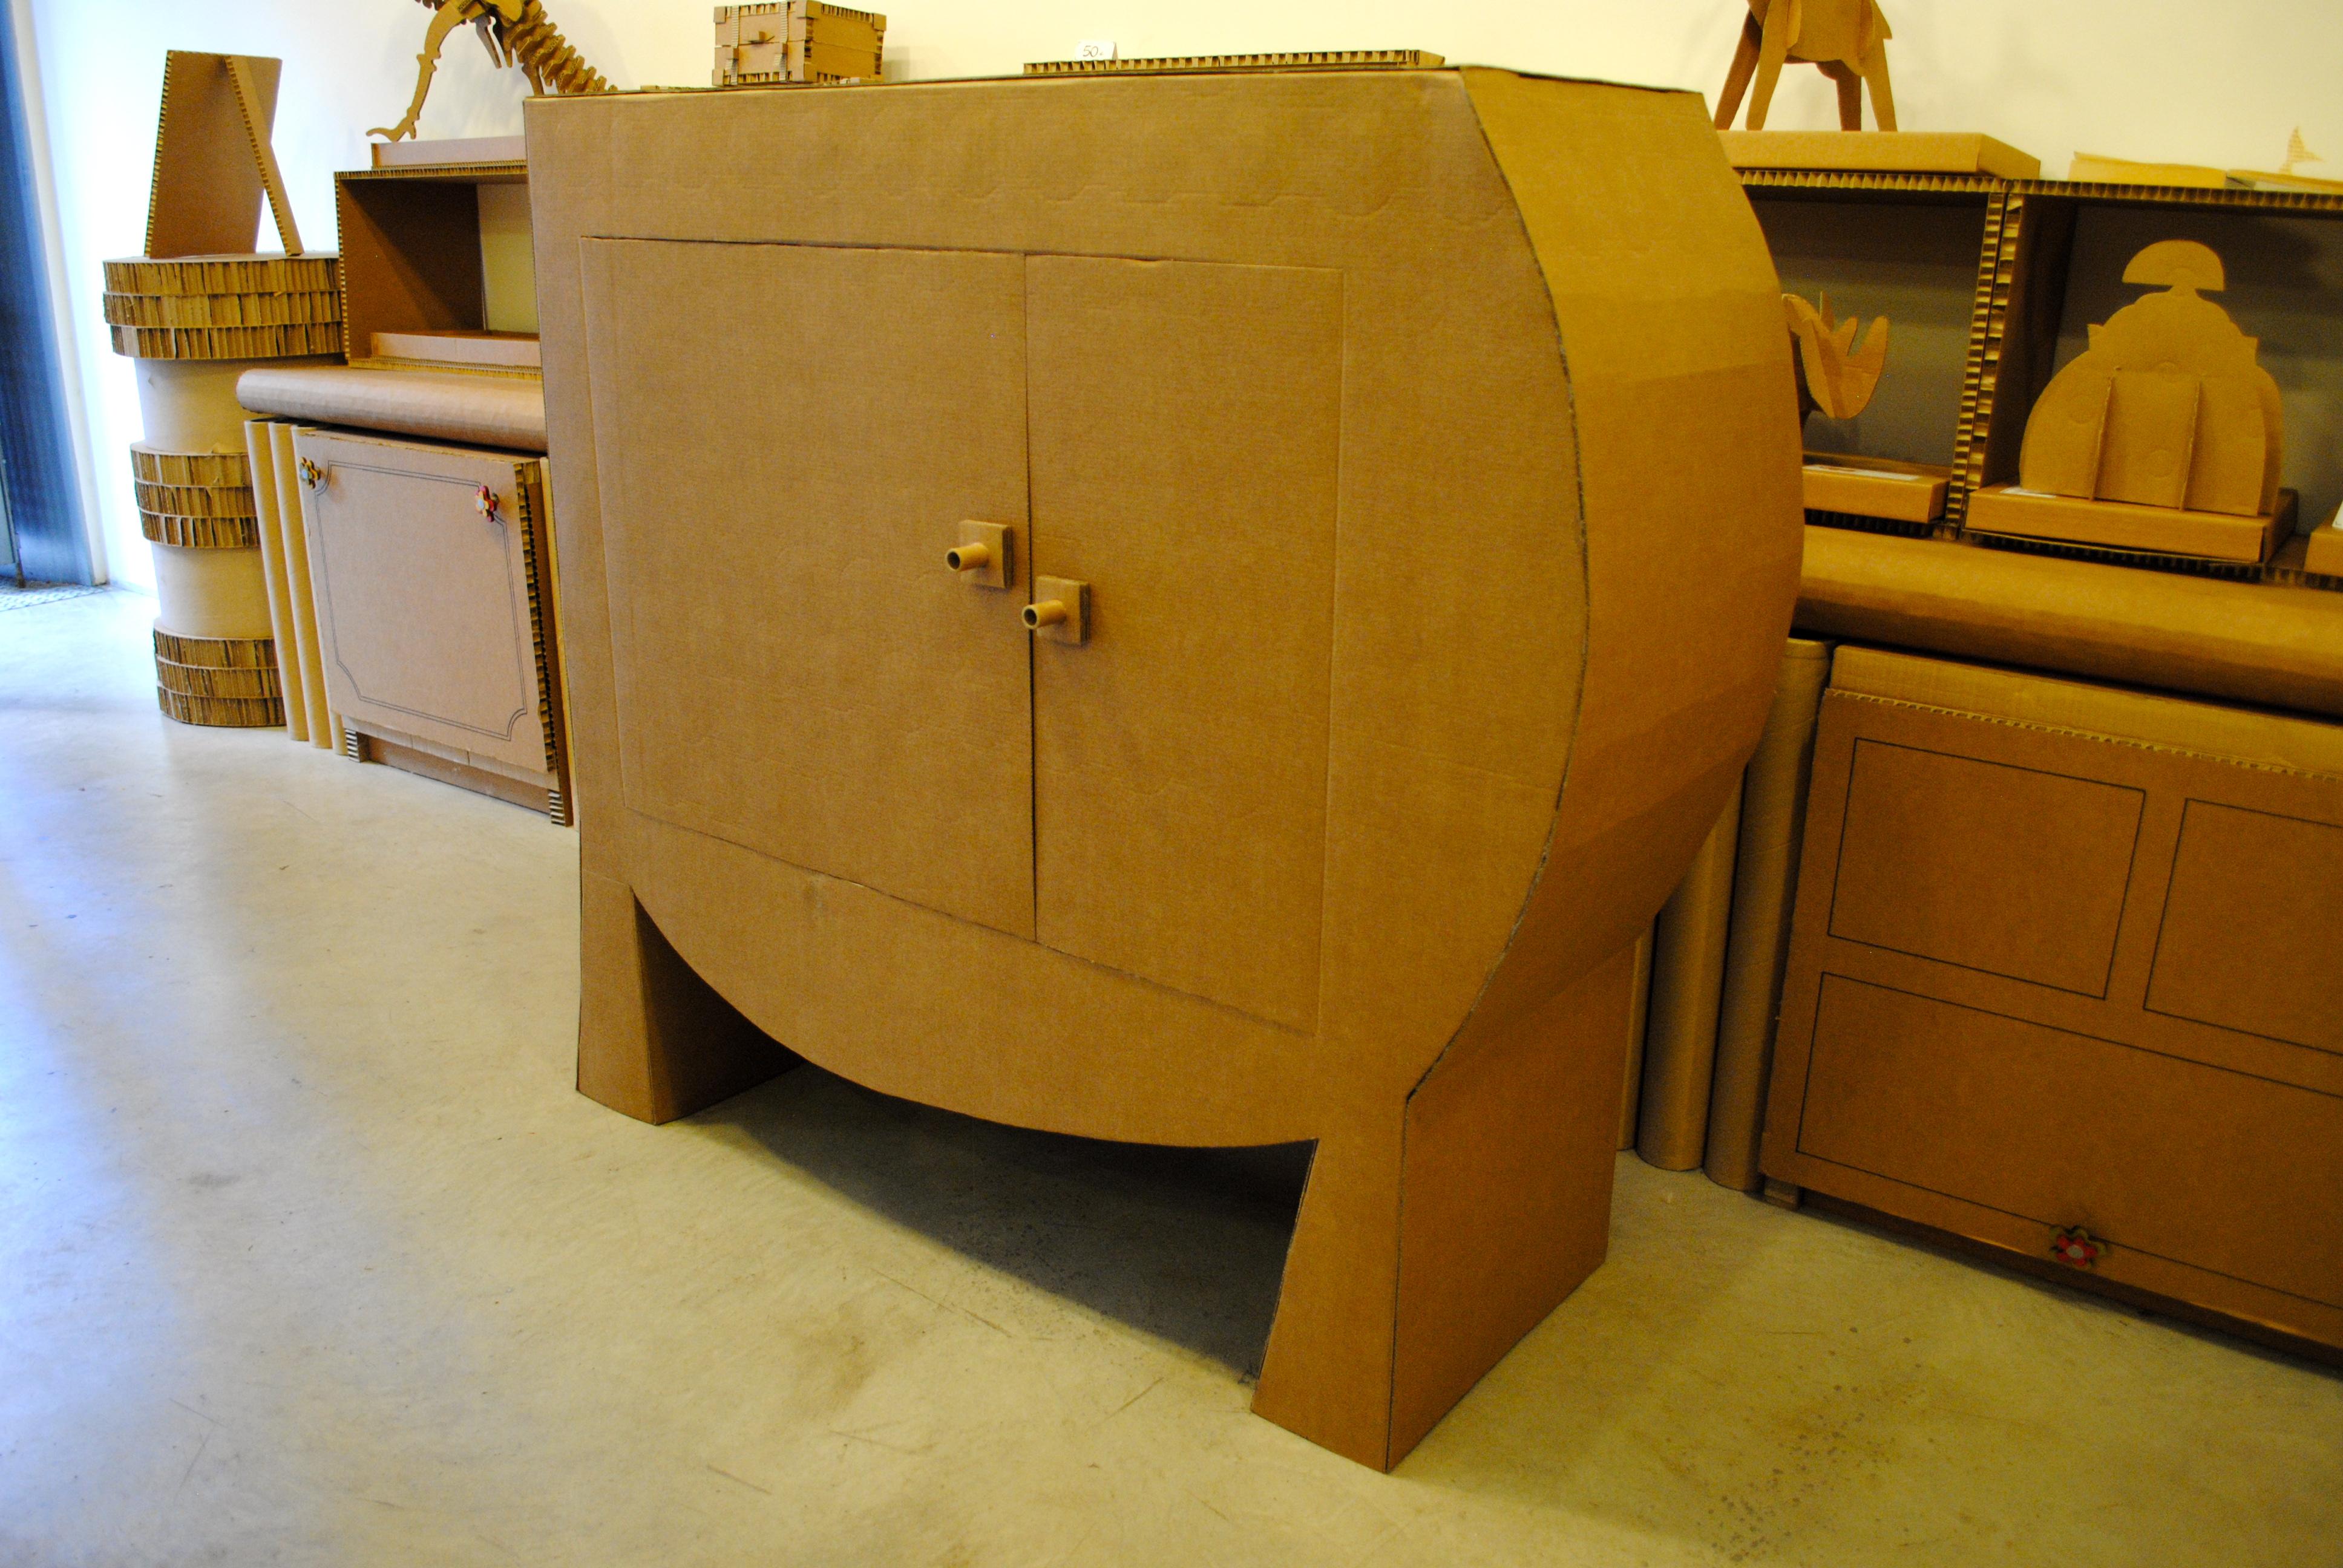 Carton Reciclado La Cartoneria # Muebles De Tubos De Carton